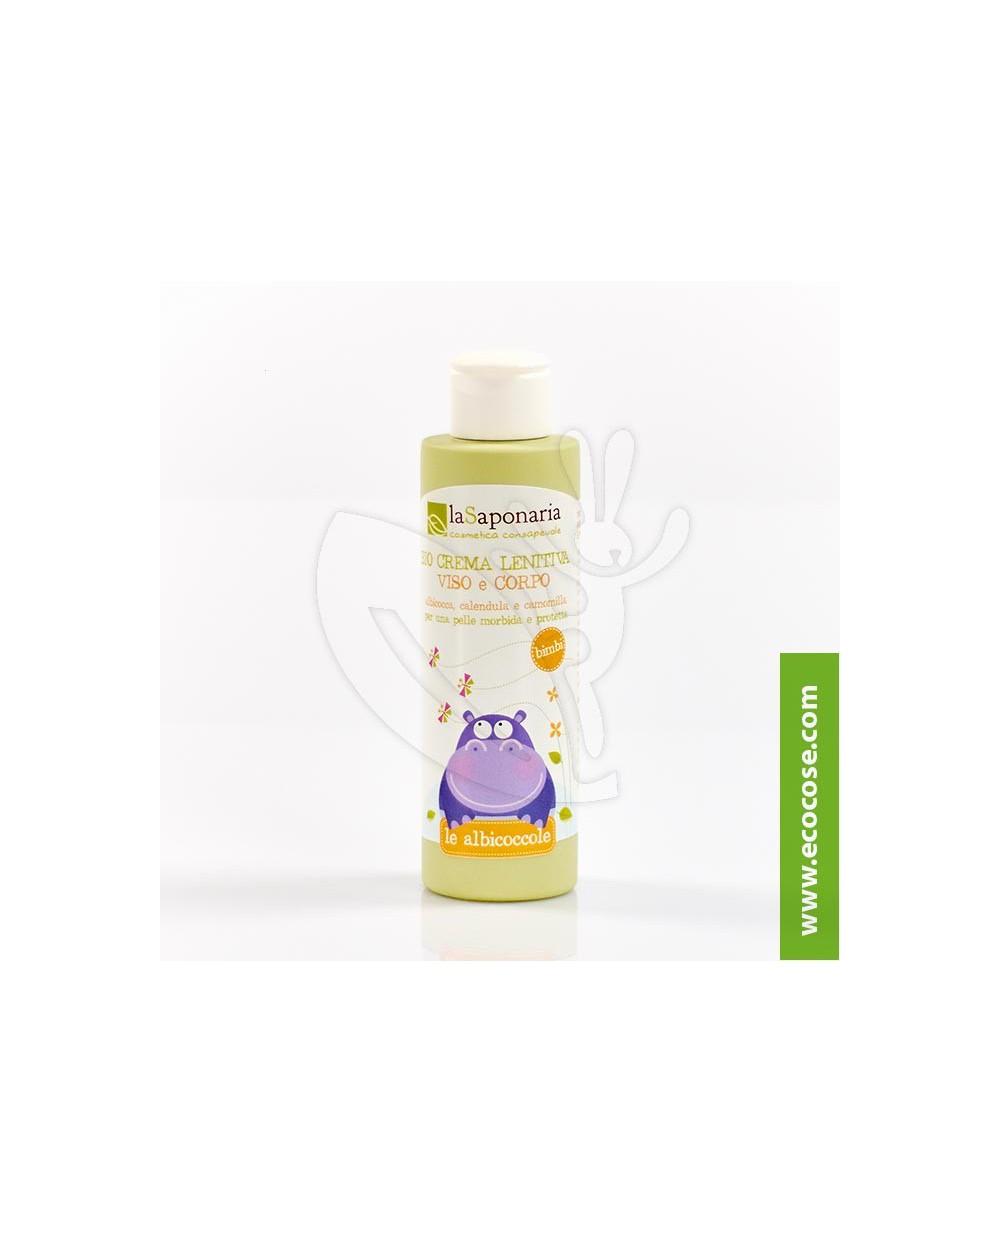 La Saponaria - Le Albicoccole - Bio Crema lenitiva viso e corpo